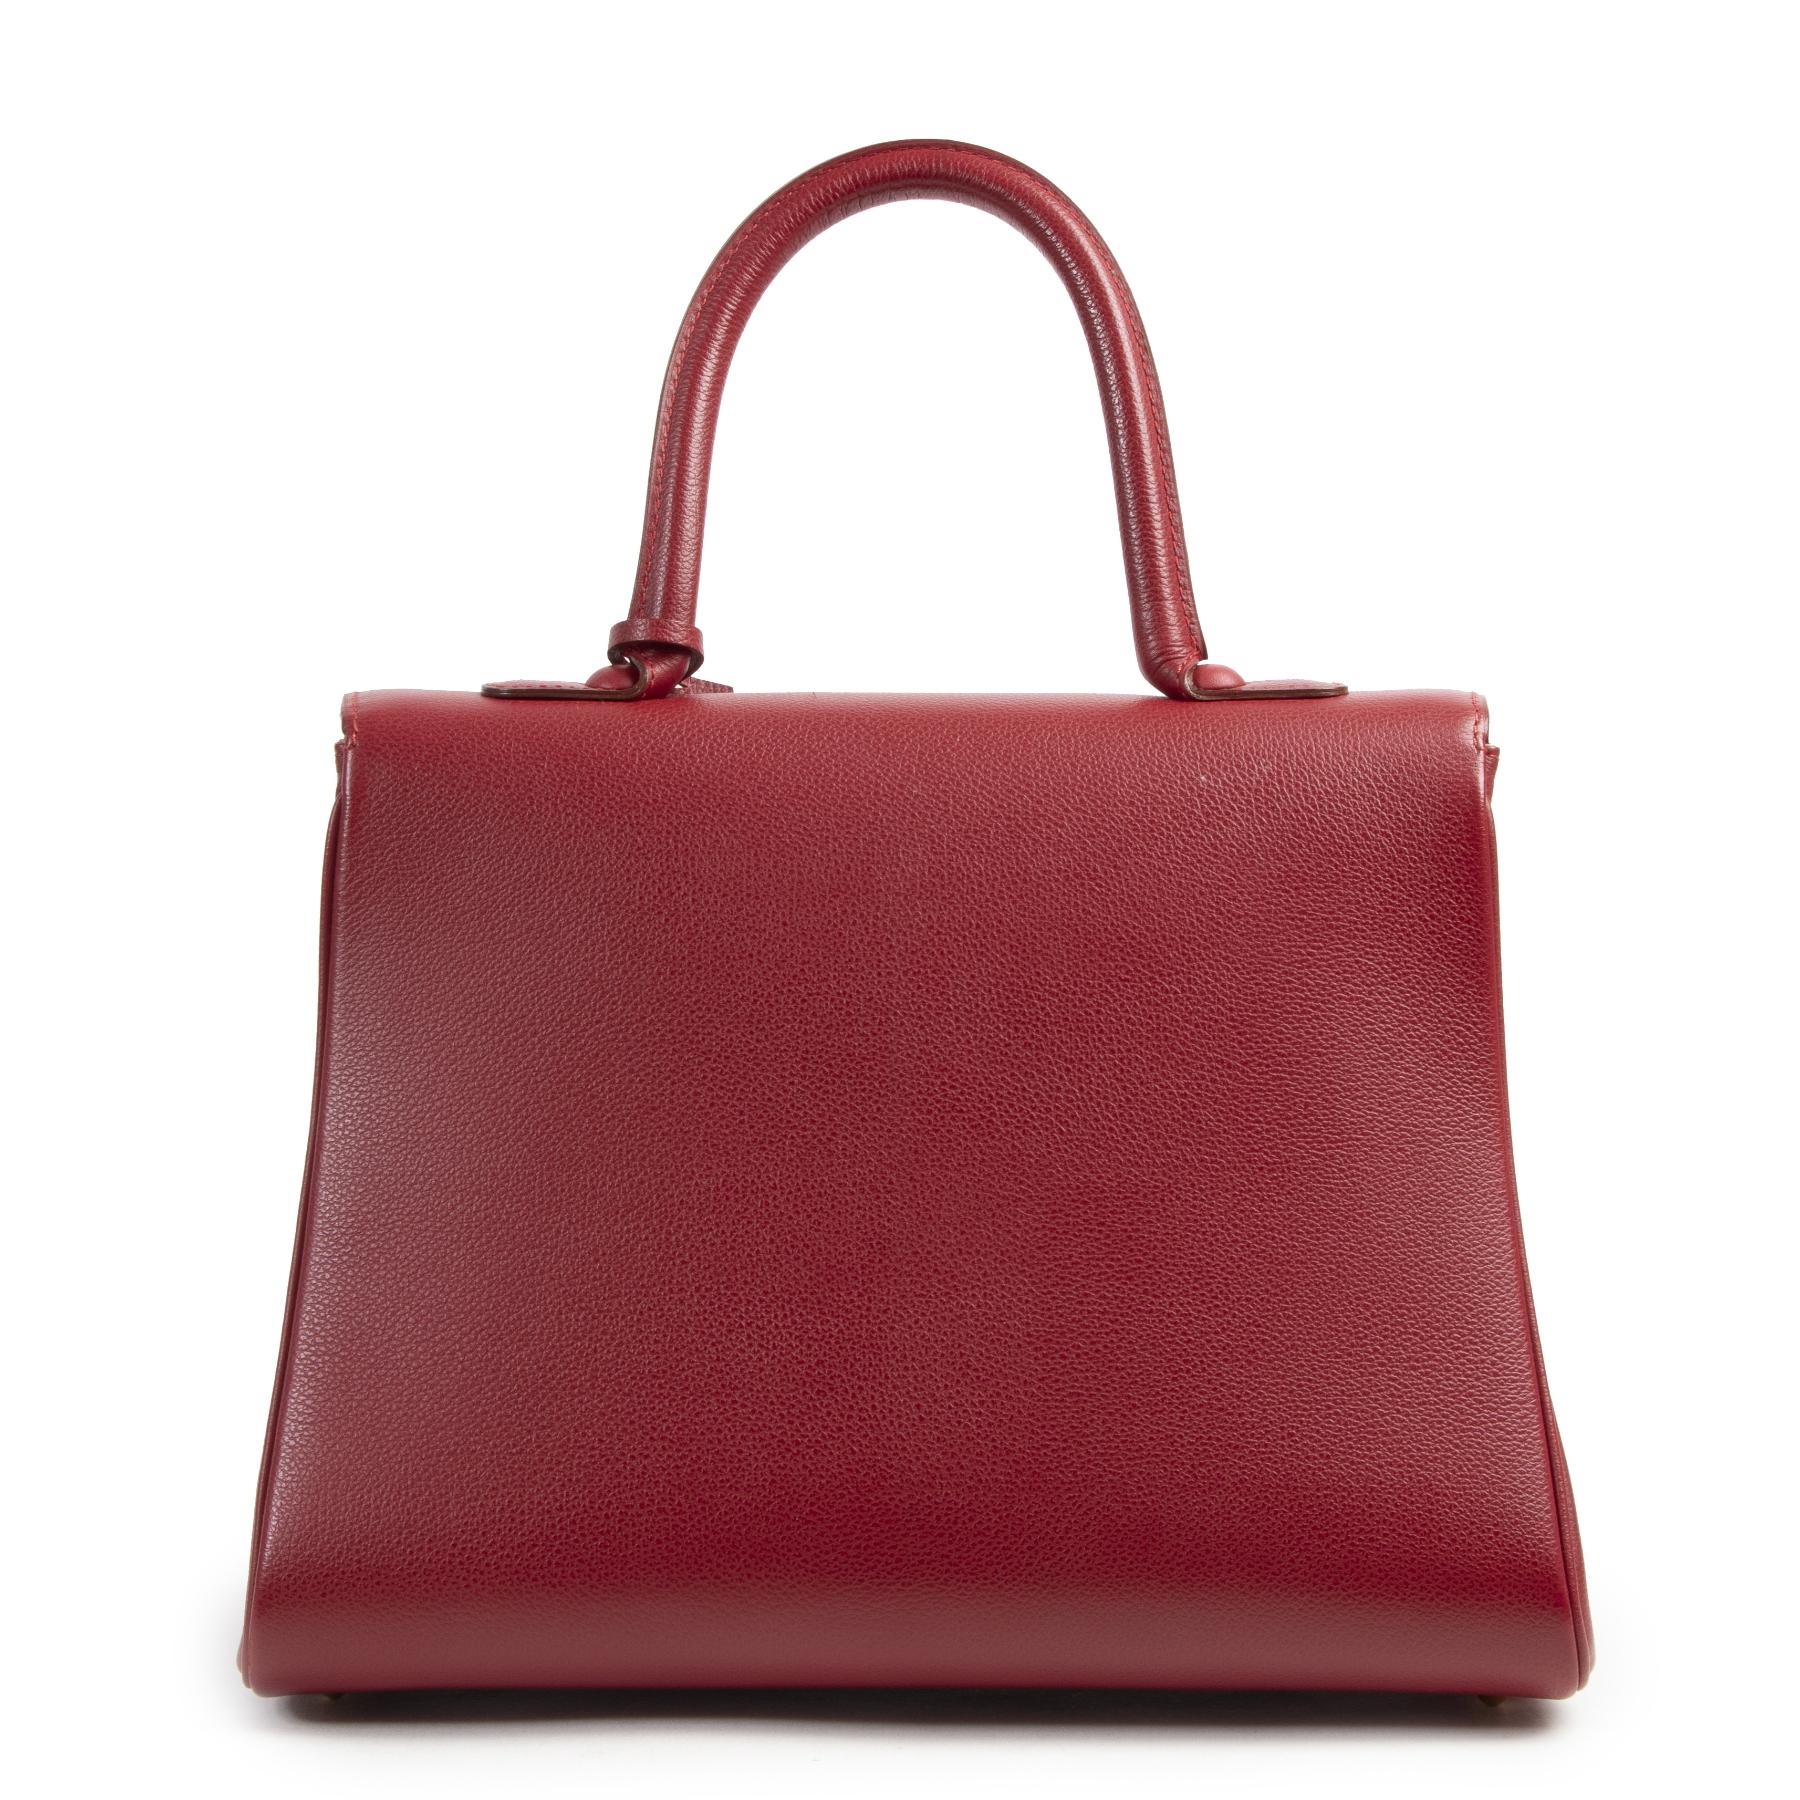 Authentieke Tweedehands Delvaux Red Brillant MM Bag + Strap juiste prijs veilig online shoppen luxe merken webshop winkelen Antwerpen België mode fashion